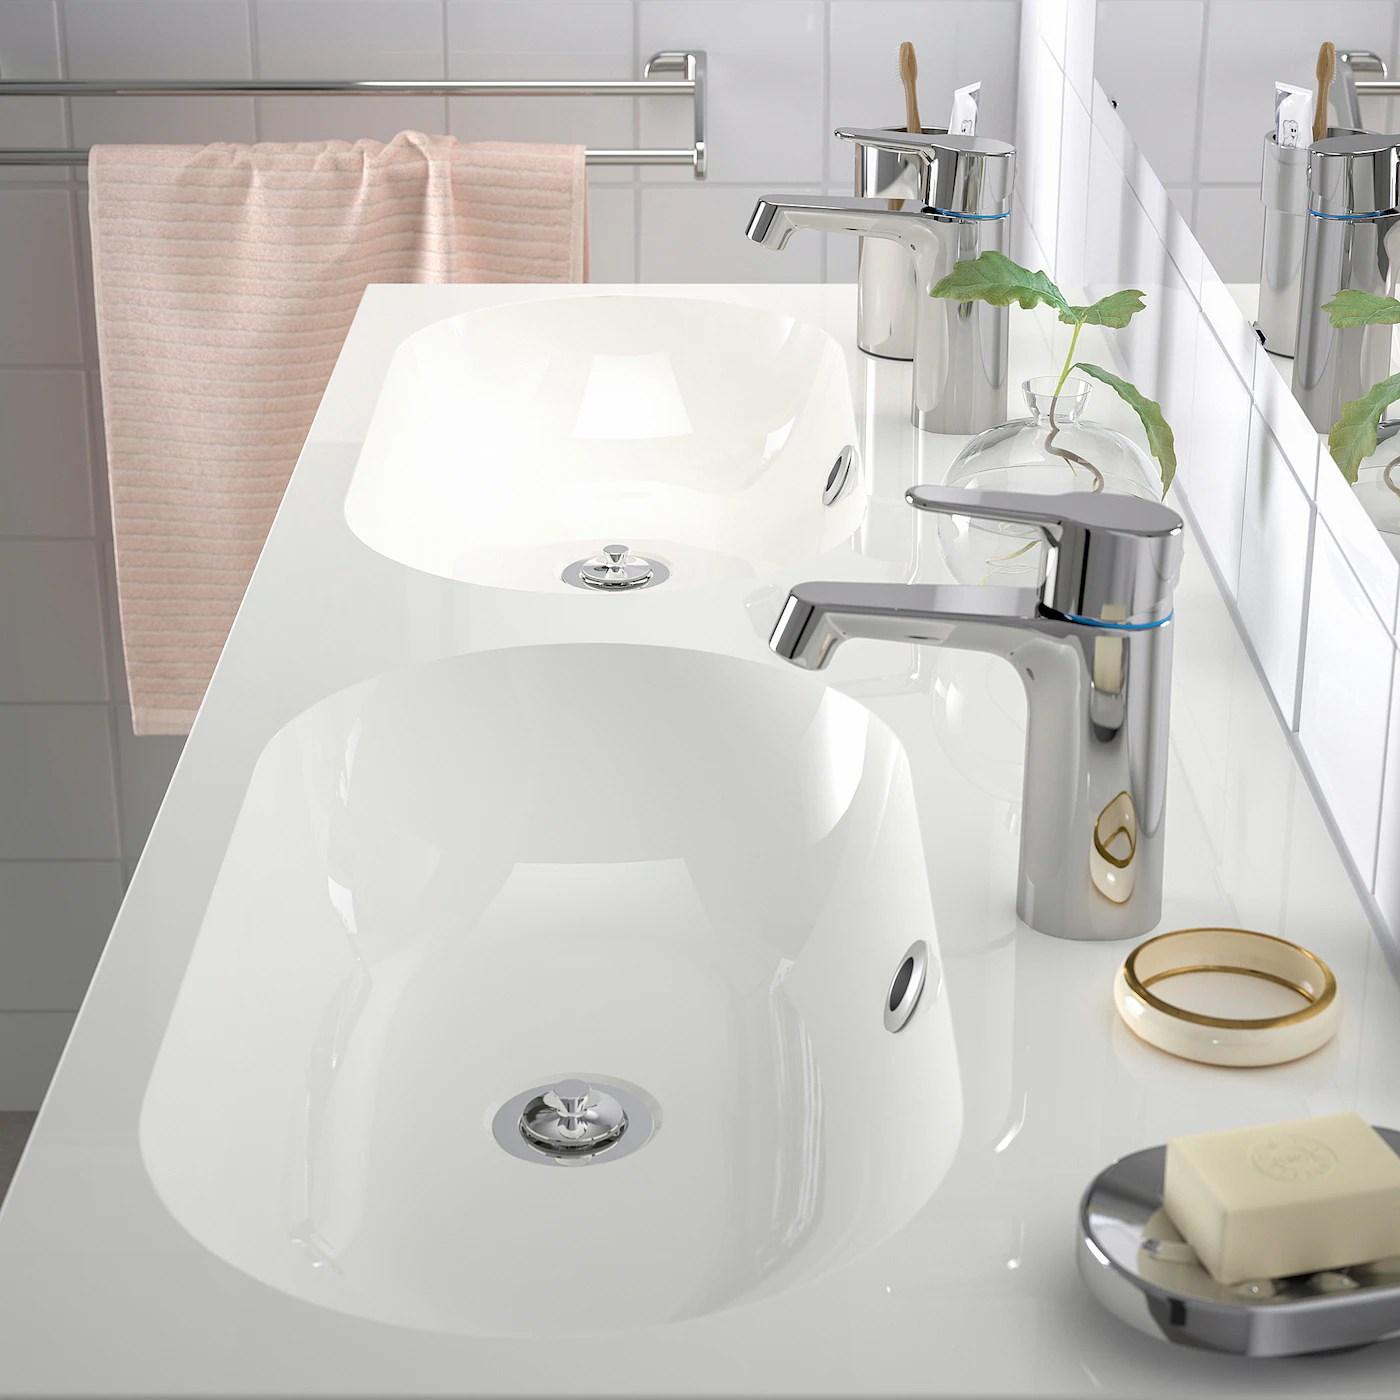 braviken double vasque blanc 120x48x10 cm